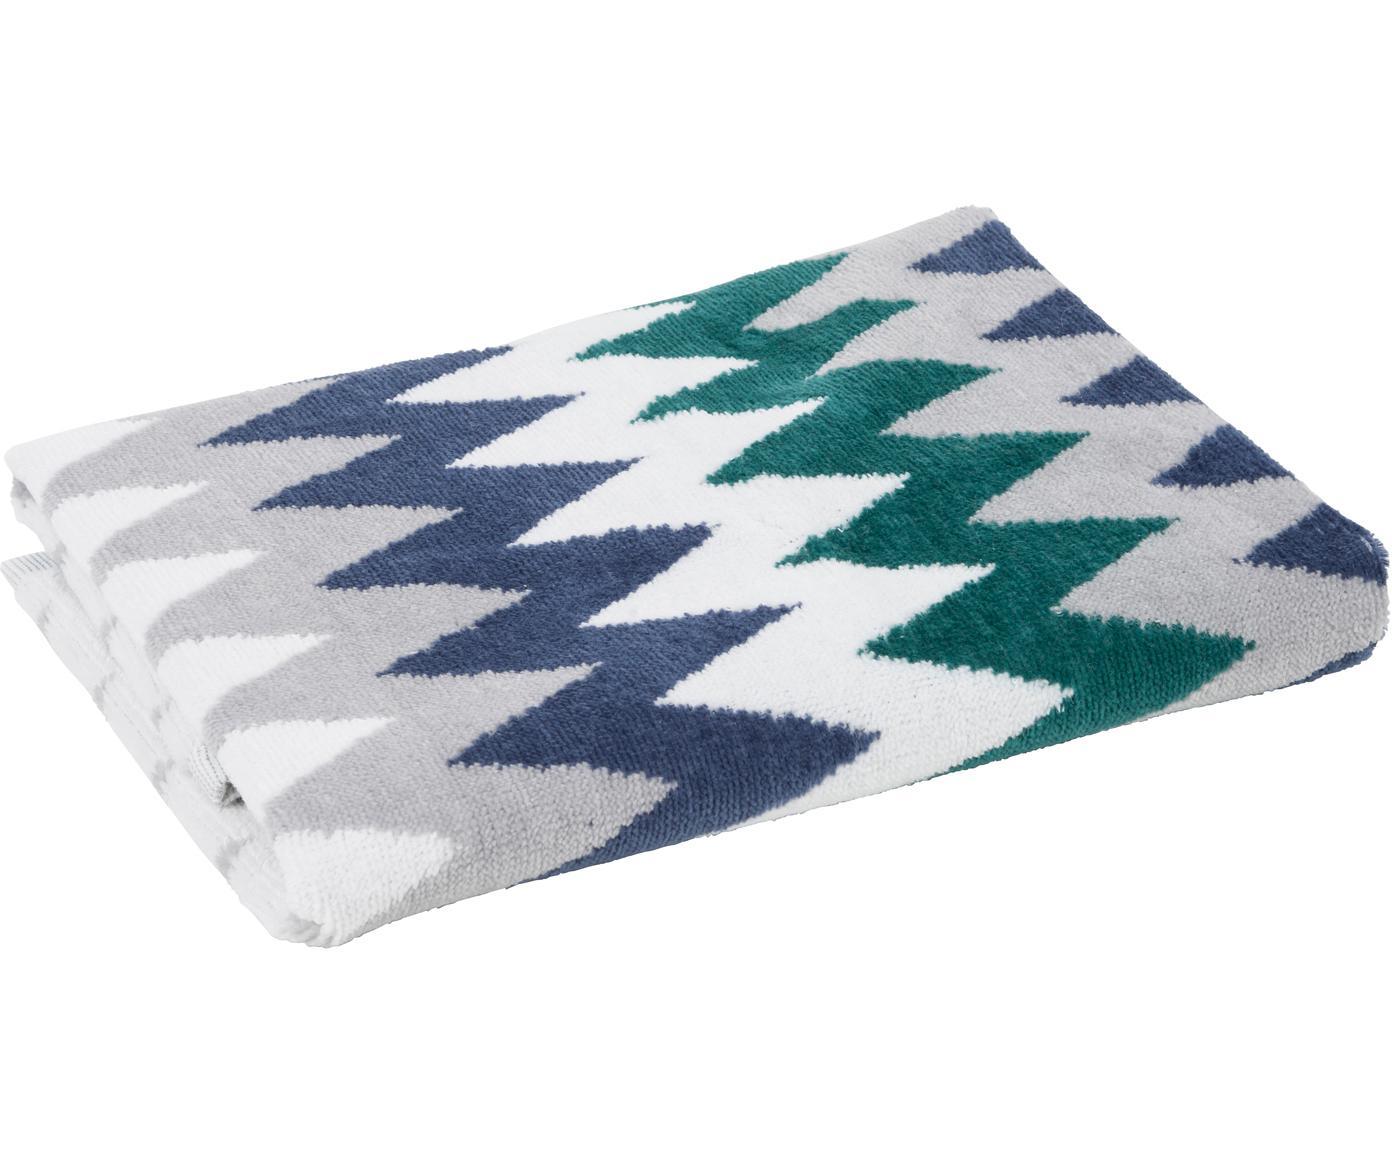 Toalla Hanneke, Algodón, Azul, gris, blanco, verde, Toallas tocador